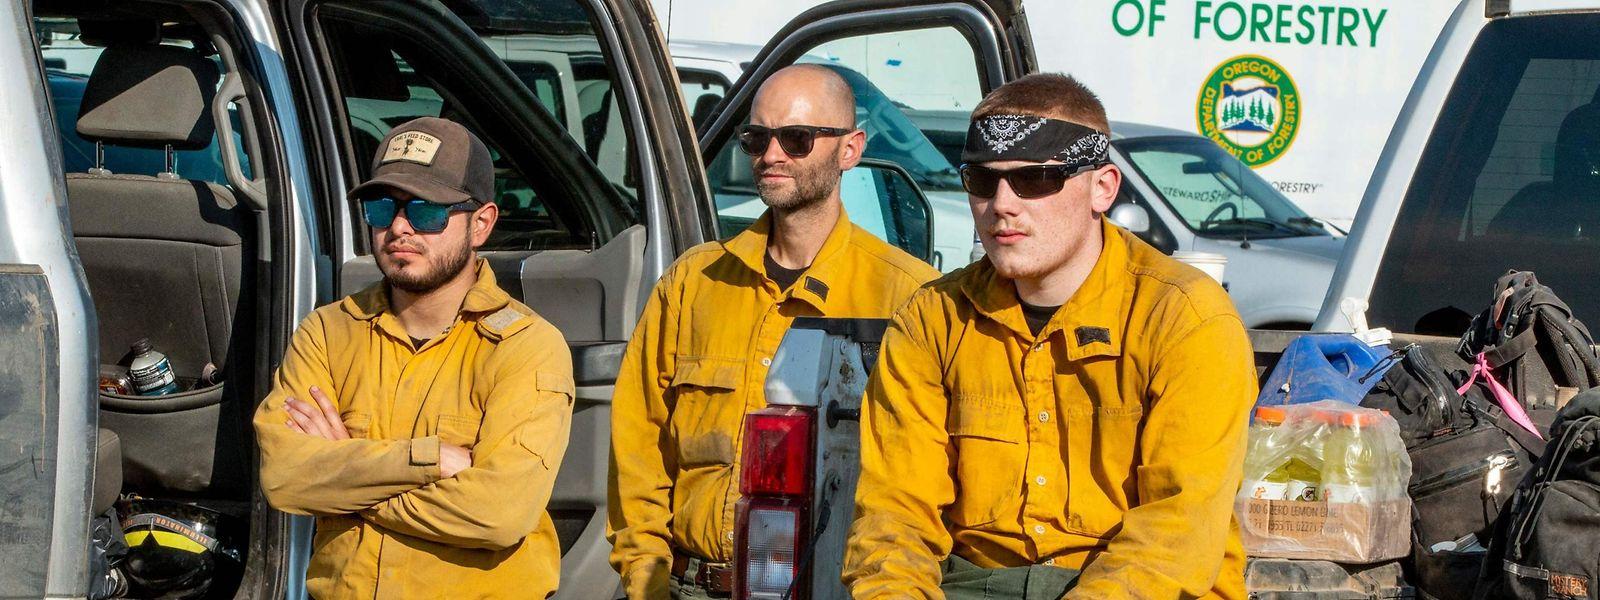 Au briefing du matin, force est de constater pour ces pompiers de l'Oregon que les flammes progressent encore.